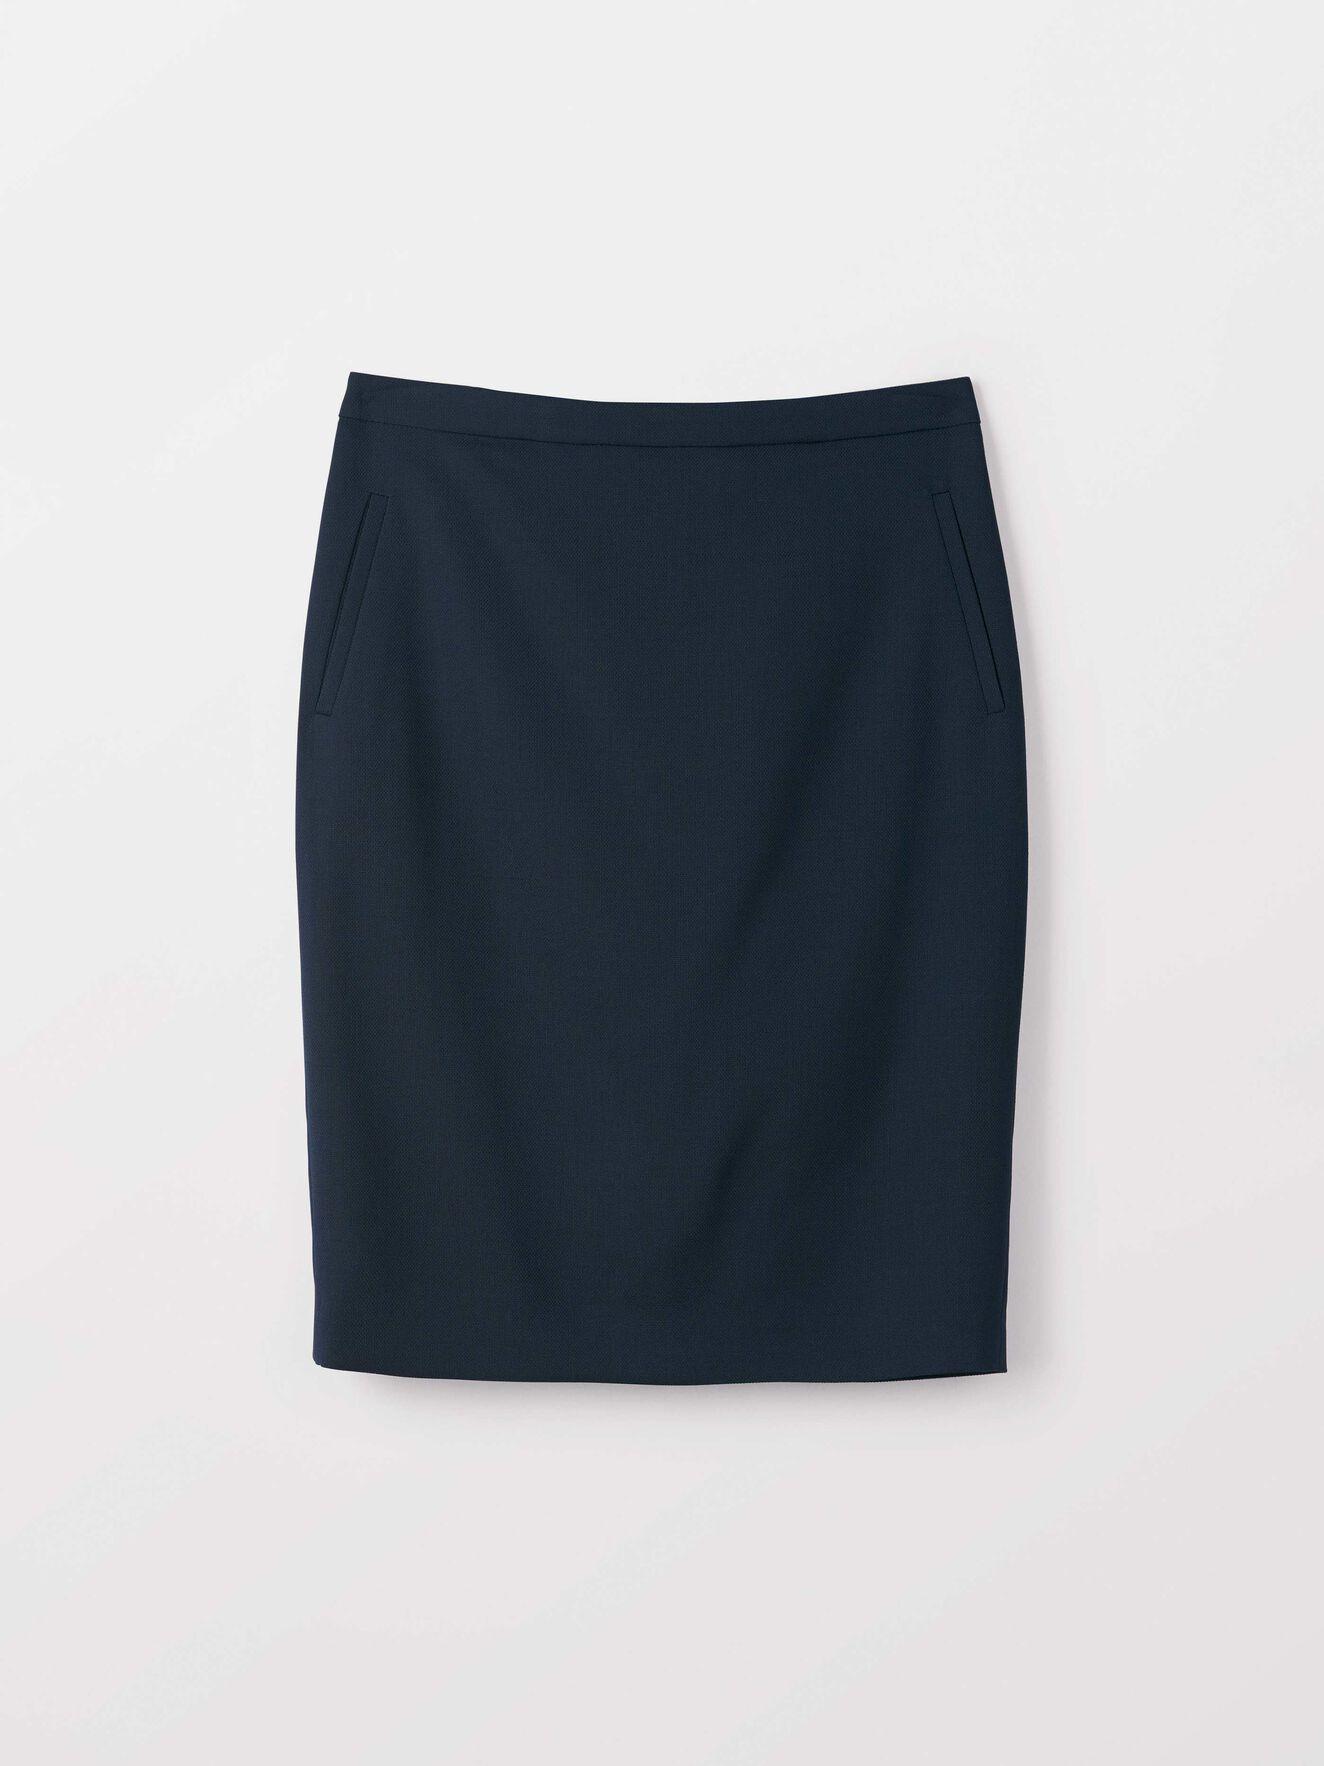 Erene Skirt in Peacoat Blue from Tiger of Sweden